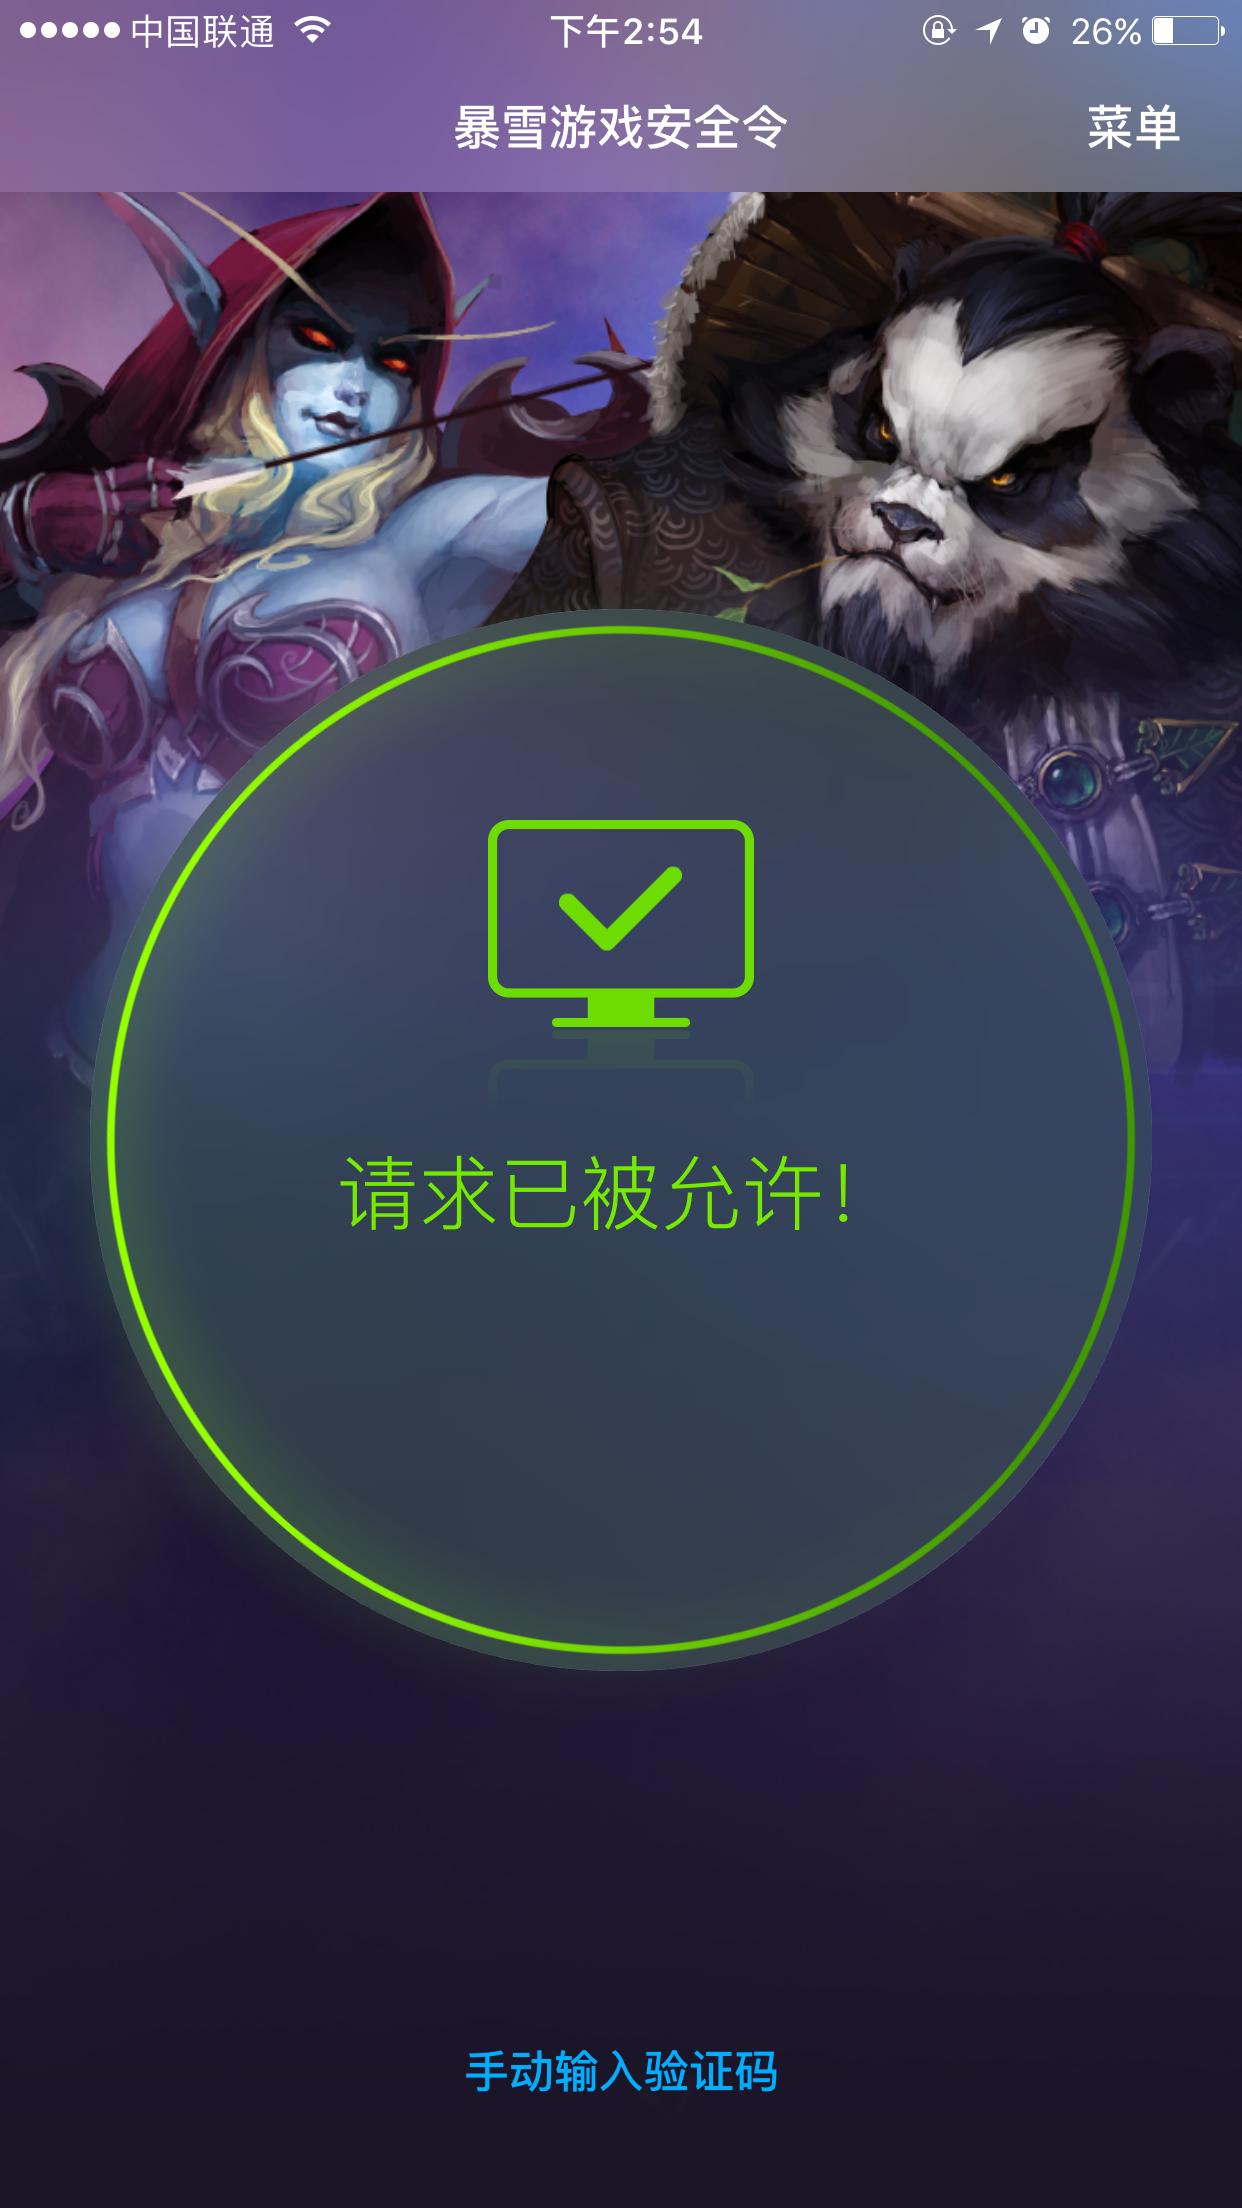 暴雪游戏手机安全令下载第1张预览图